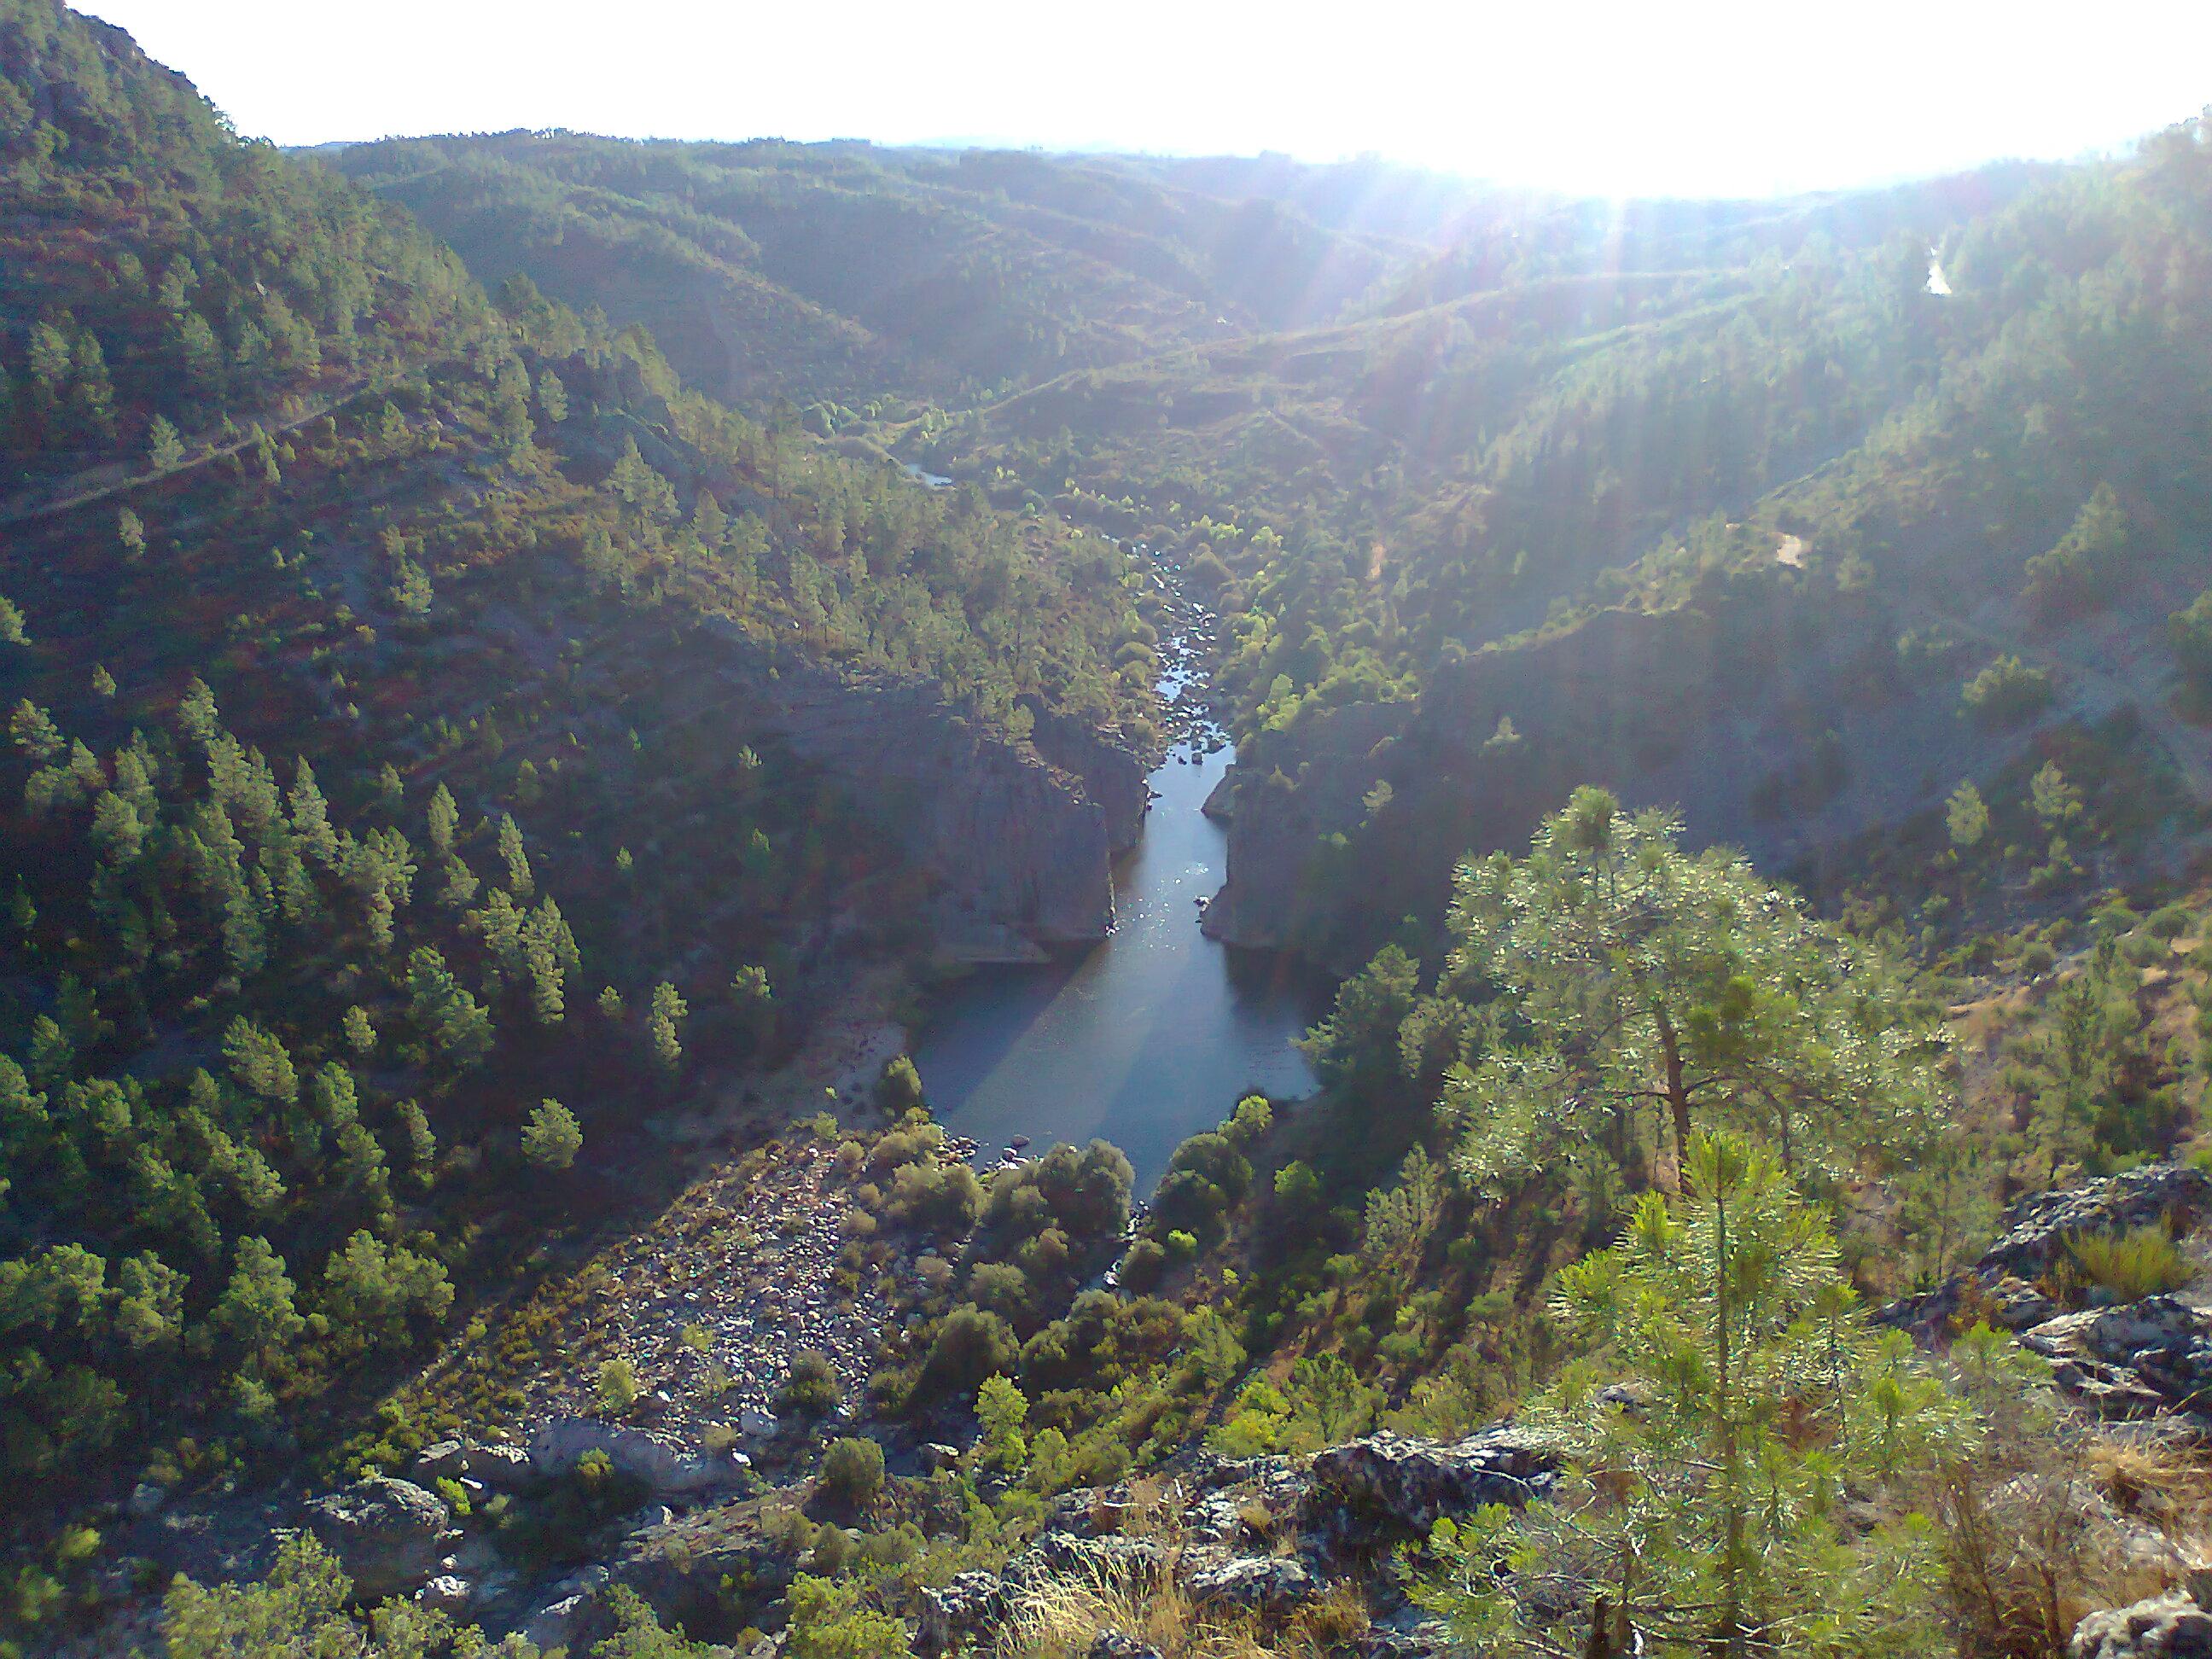 Geopark Naturtejo1